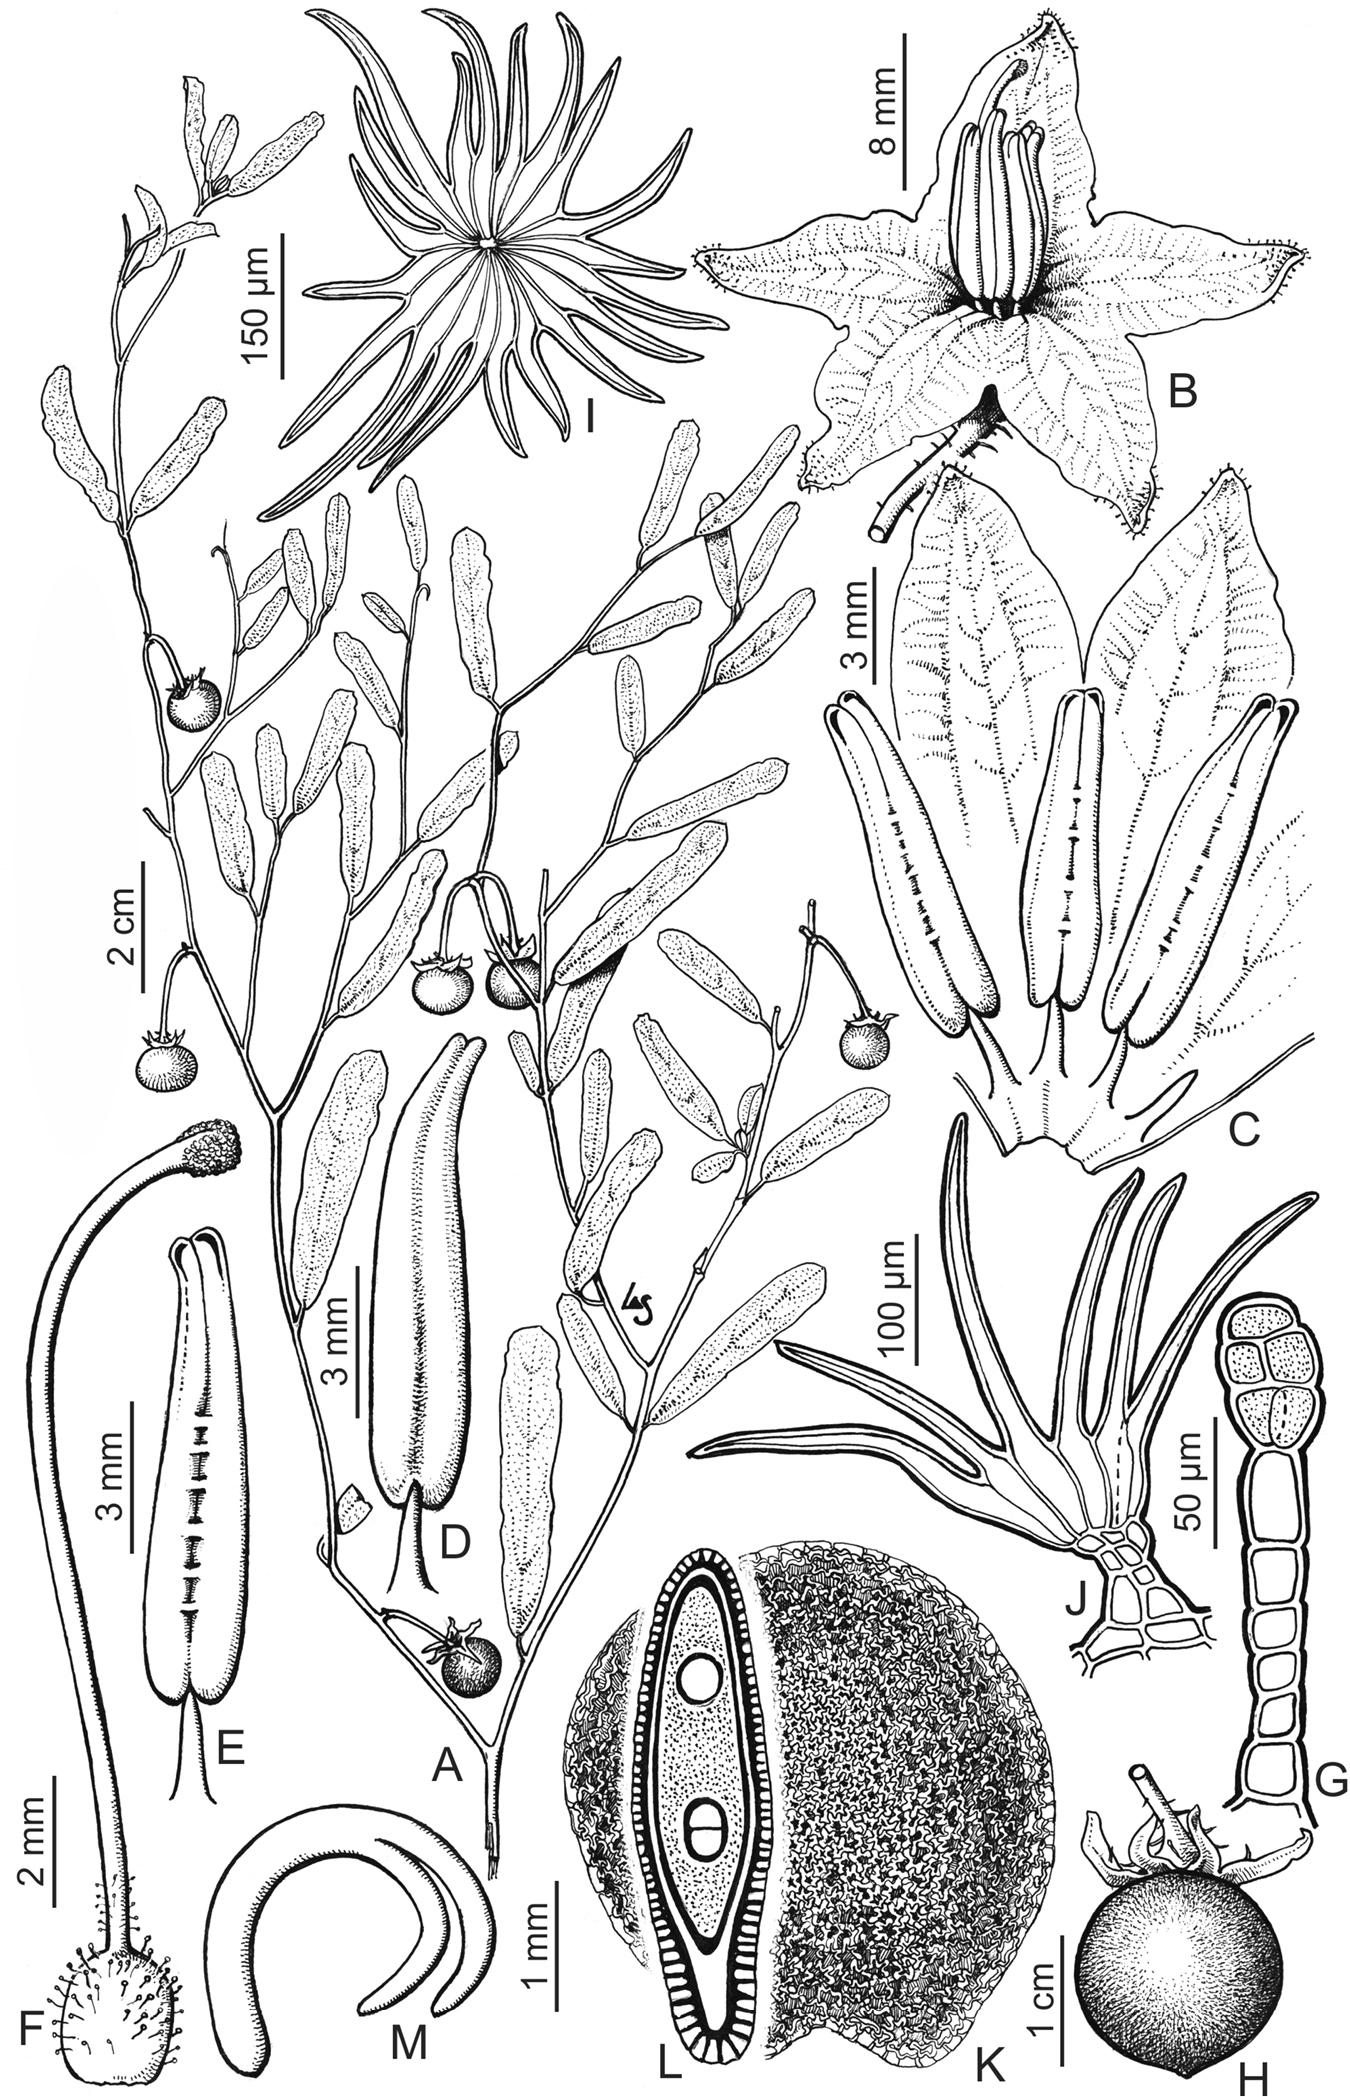 A revision of the Solanum elaeagnifolium clade (Elaeagnifolium clade ...